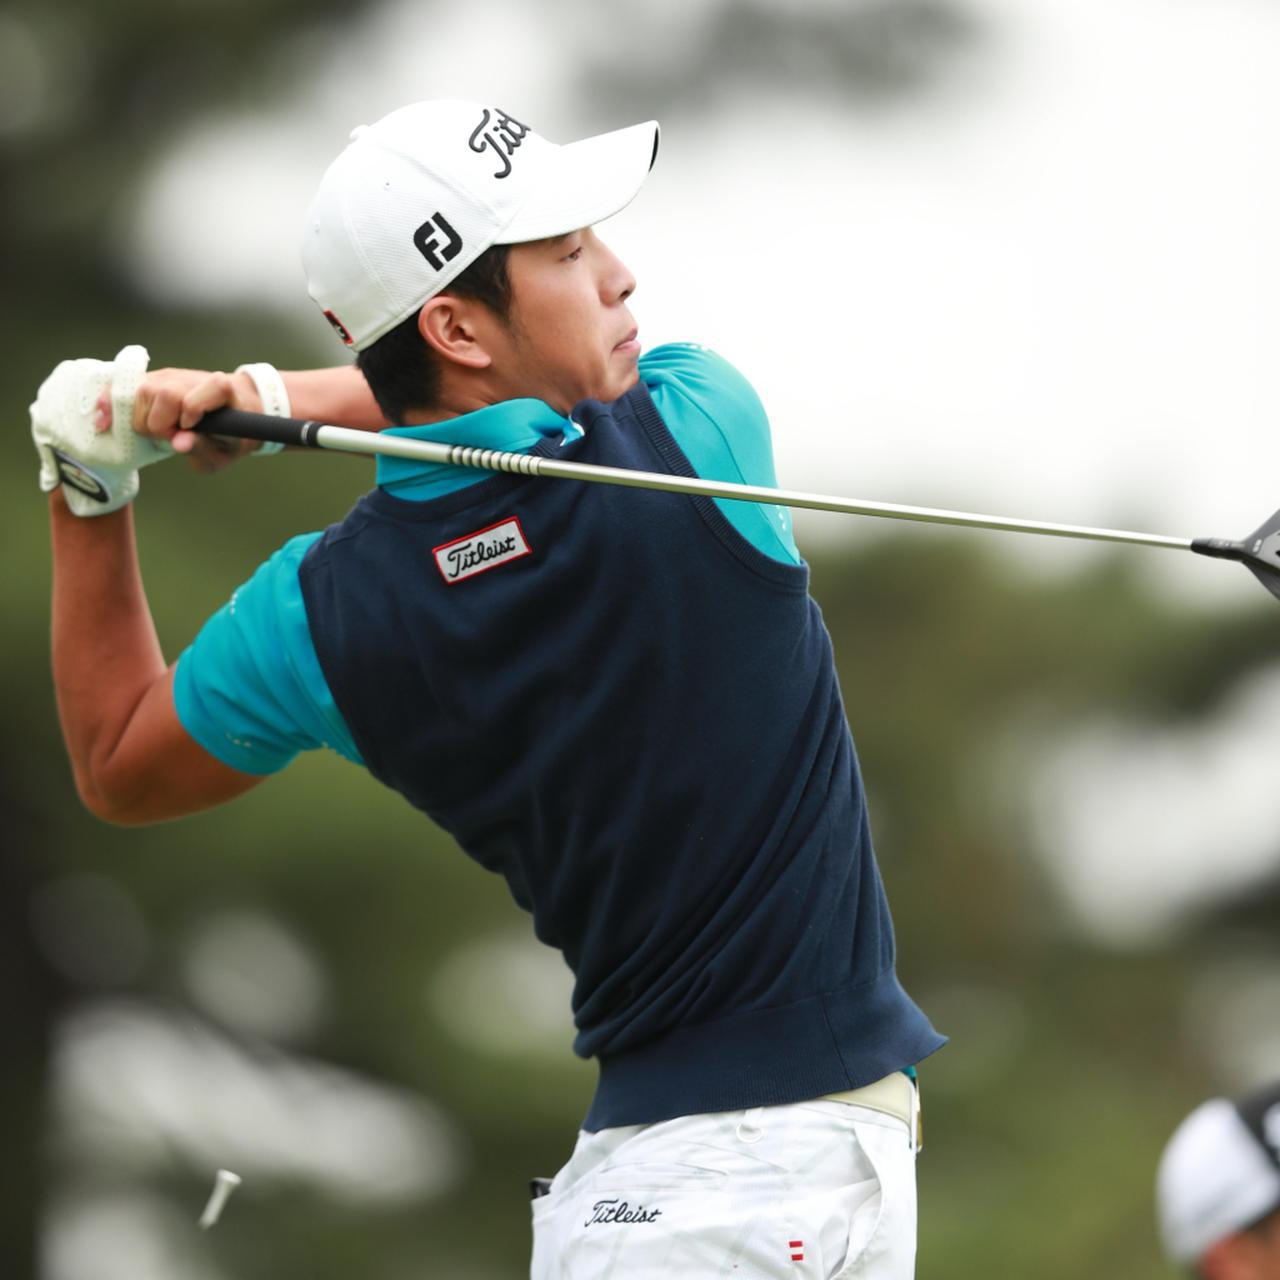 画像: 「僕は一生懸命泥臭くやってるんですけど……啓太はゴルフが全部綺麗なんです」(金谷)